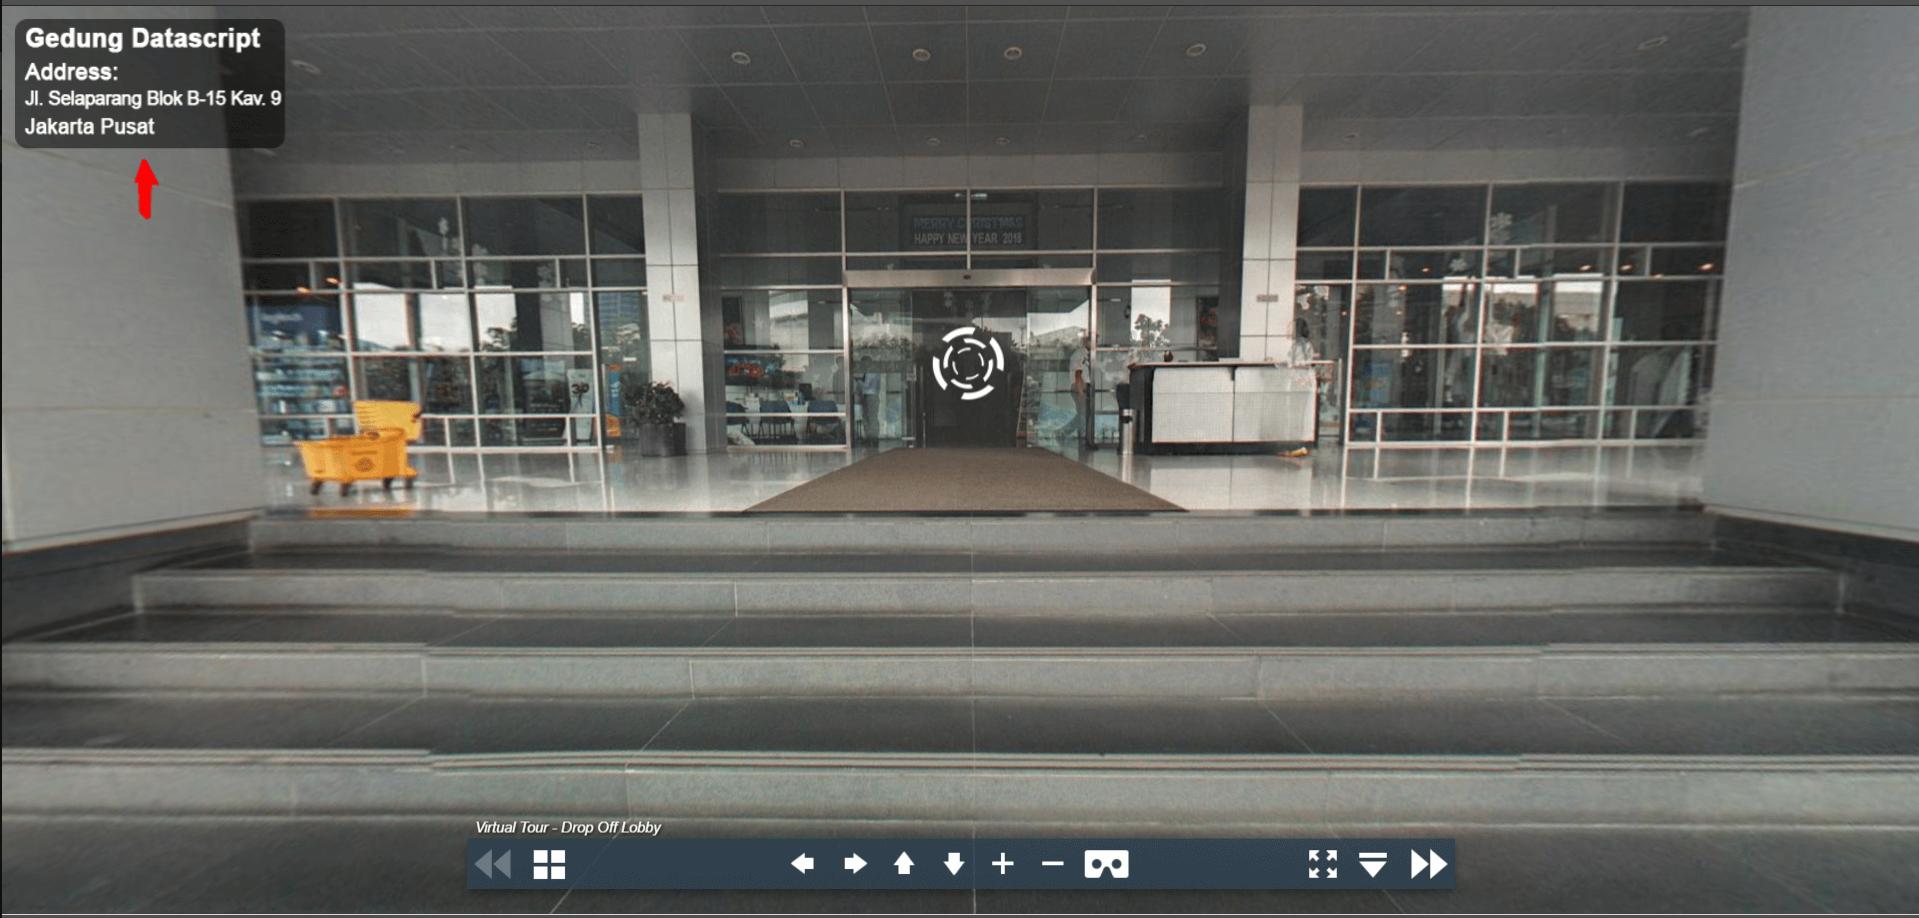 Sewa Kantor Gedung Gedung Datascrip Jakarta Pusat Jakarta Pusat  Jakarta Virtual Reality